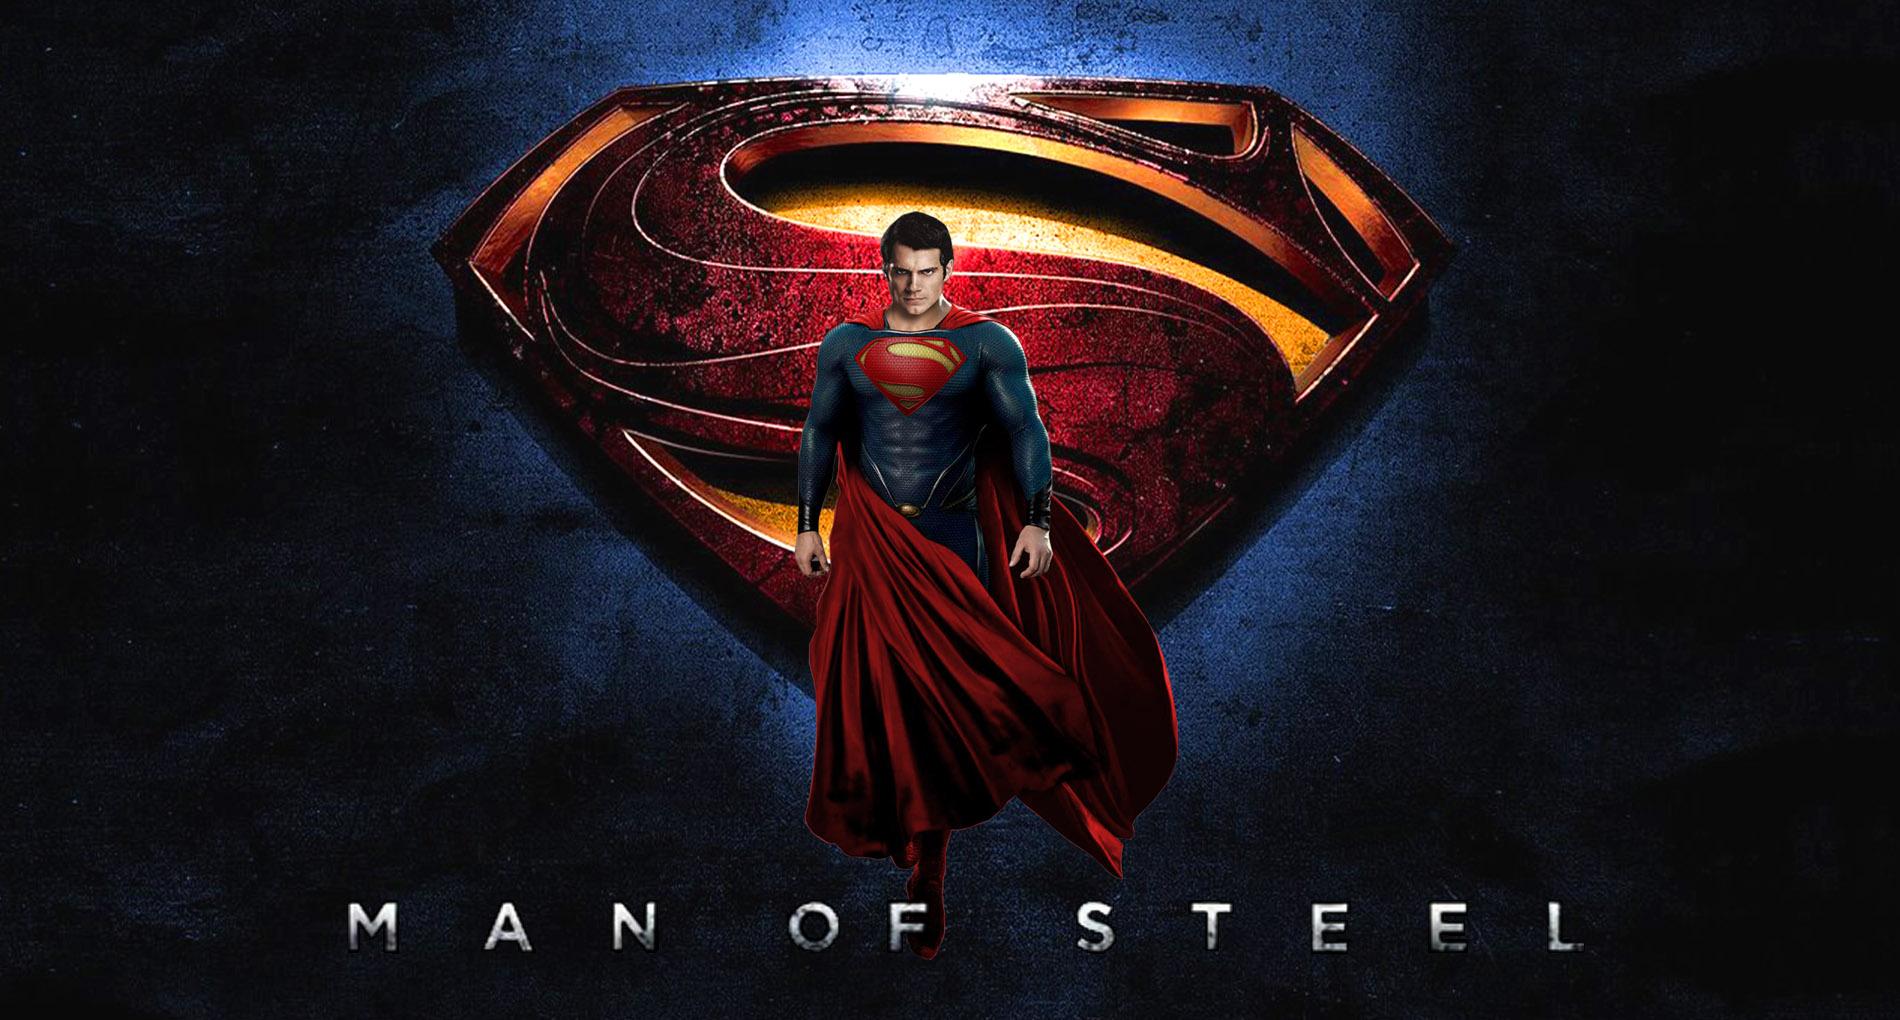 Superman man of steel wallpaper hd 002 by super tybone82 on deviantart - Wallpaper superman man of steel ...